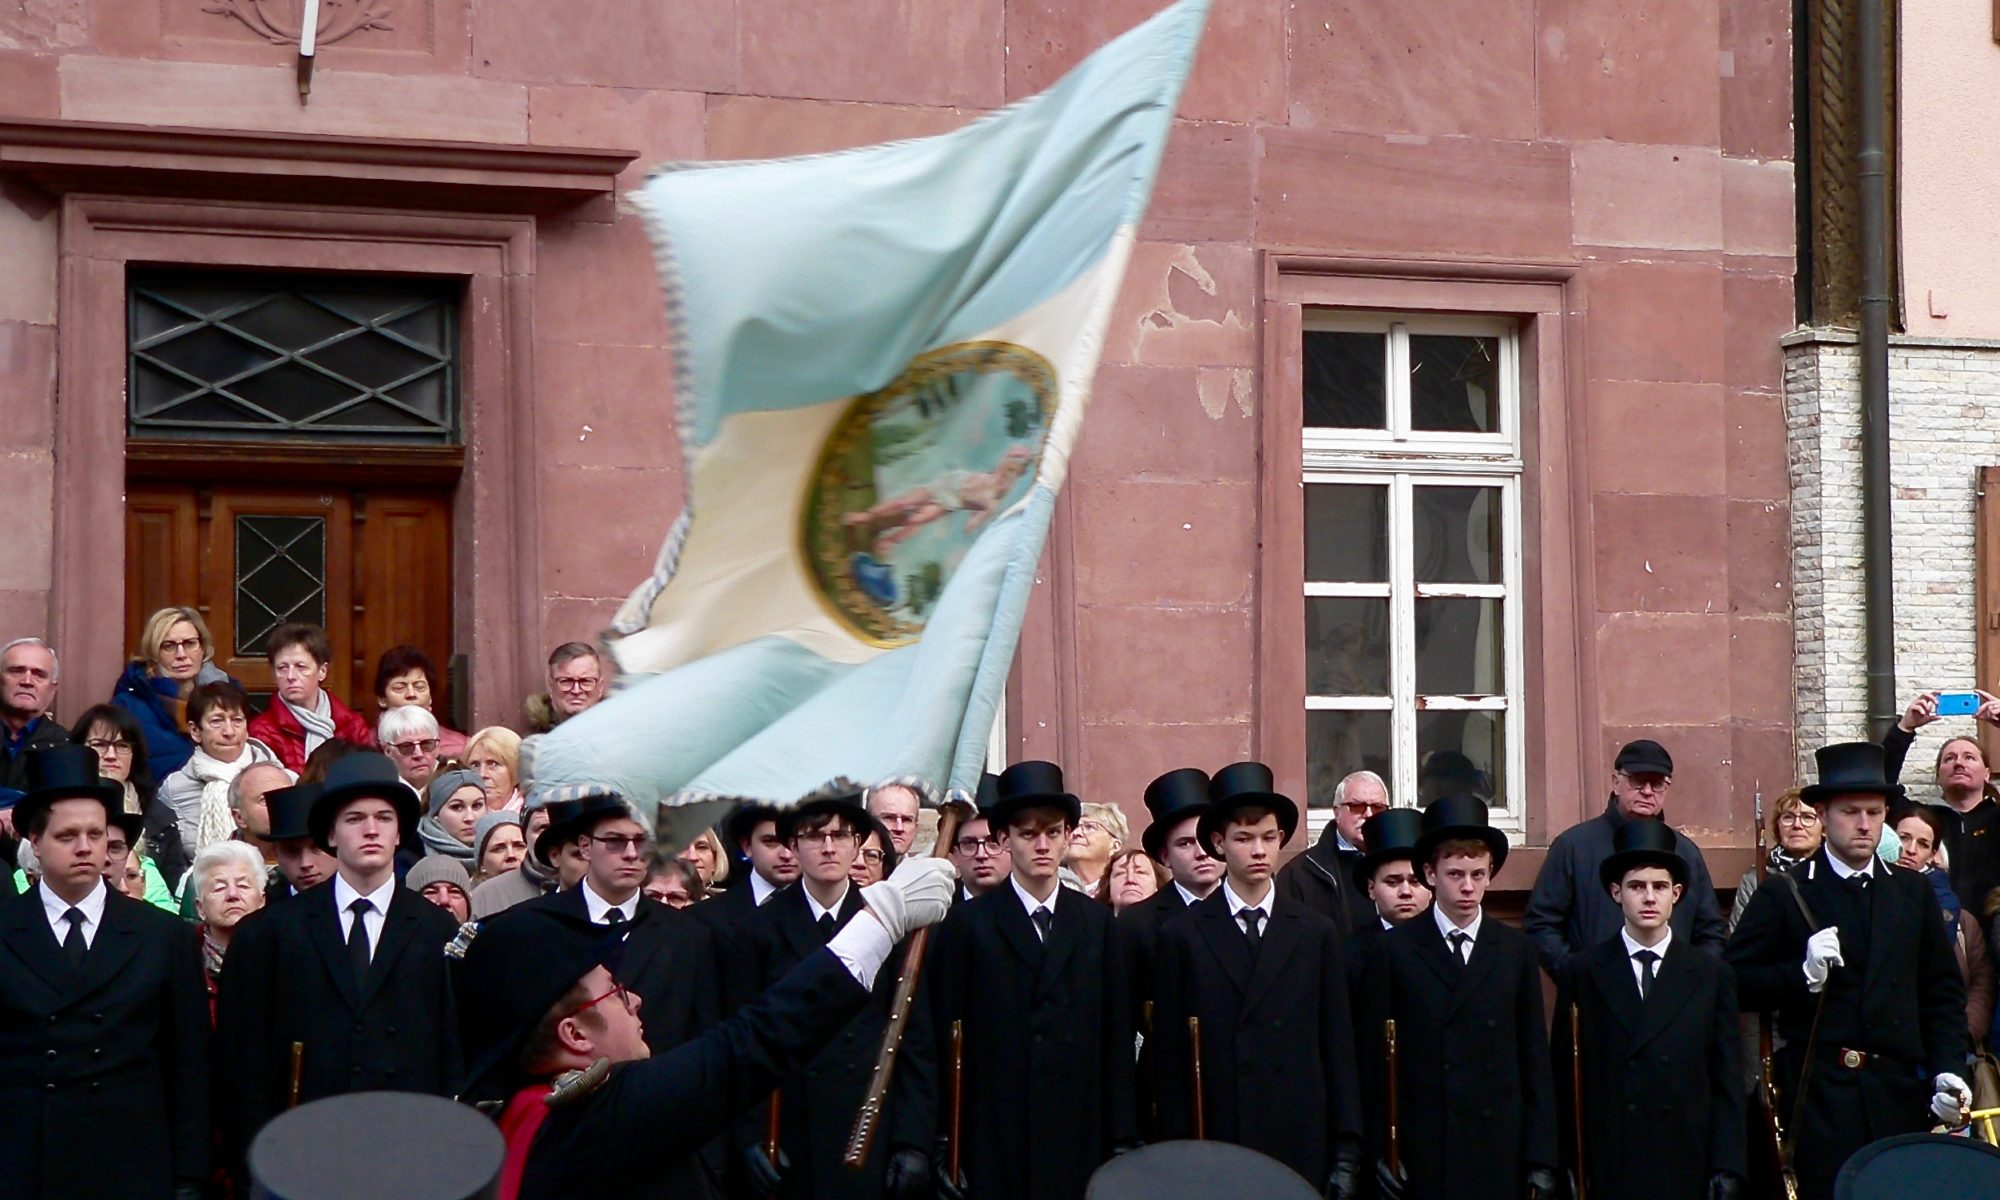 Fähnrich Rüdiger Schreck schwingt die Standarte des Sebastiani-Vereins zu den Klängen der Musikkapelle Lengfurt unter der Leitung von Anton Baumeister. | Foto: B. Schneider